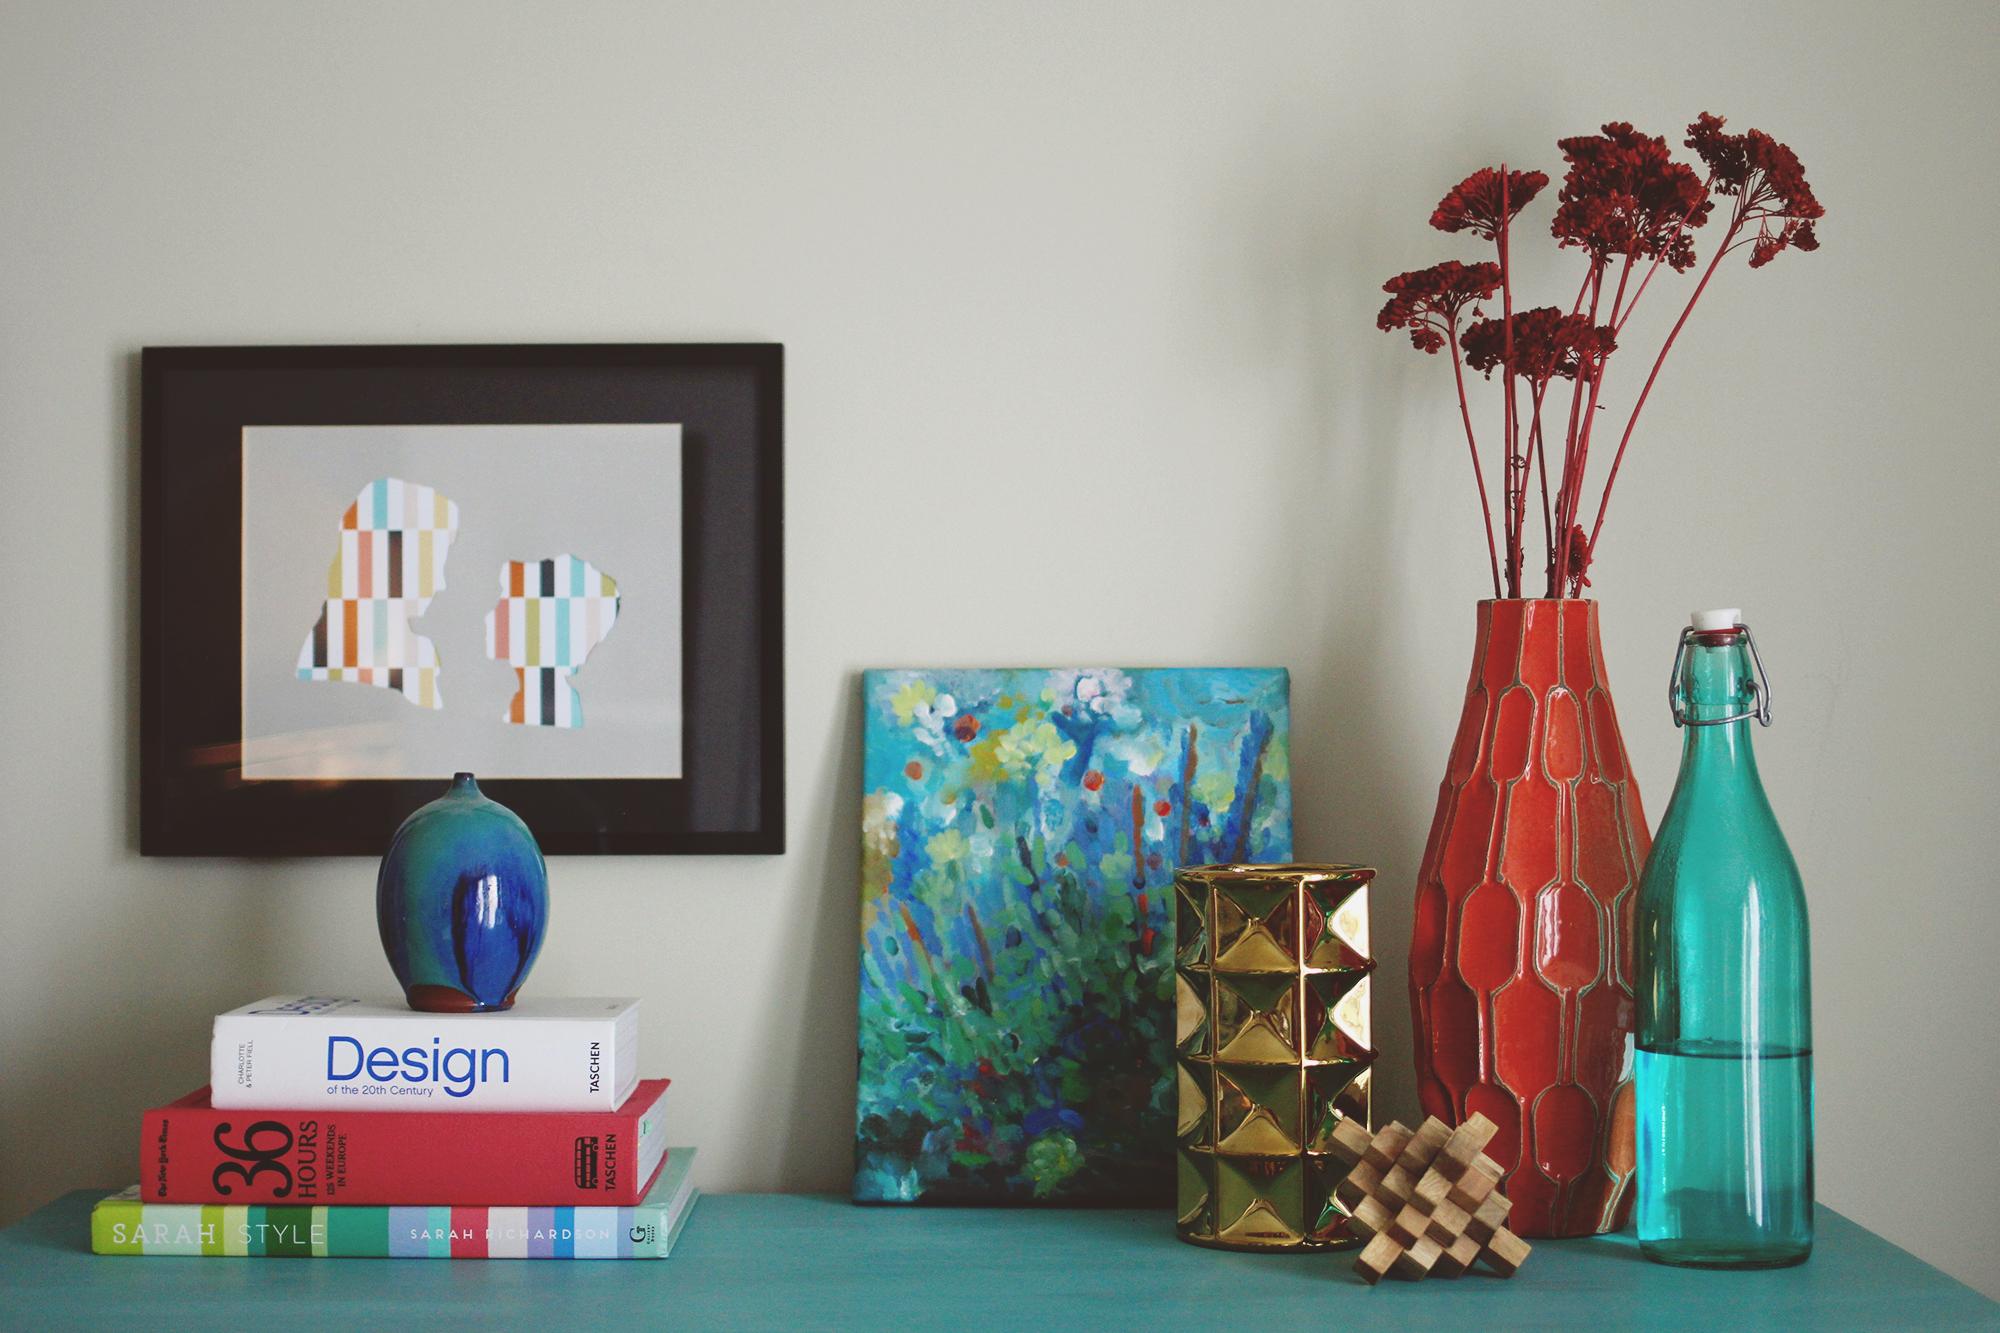 jo-torrijos-a-simpler-design-atlanta-interior-design-ajc-master-bedroom-styled-8.jpg